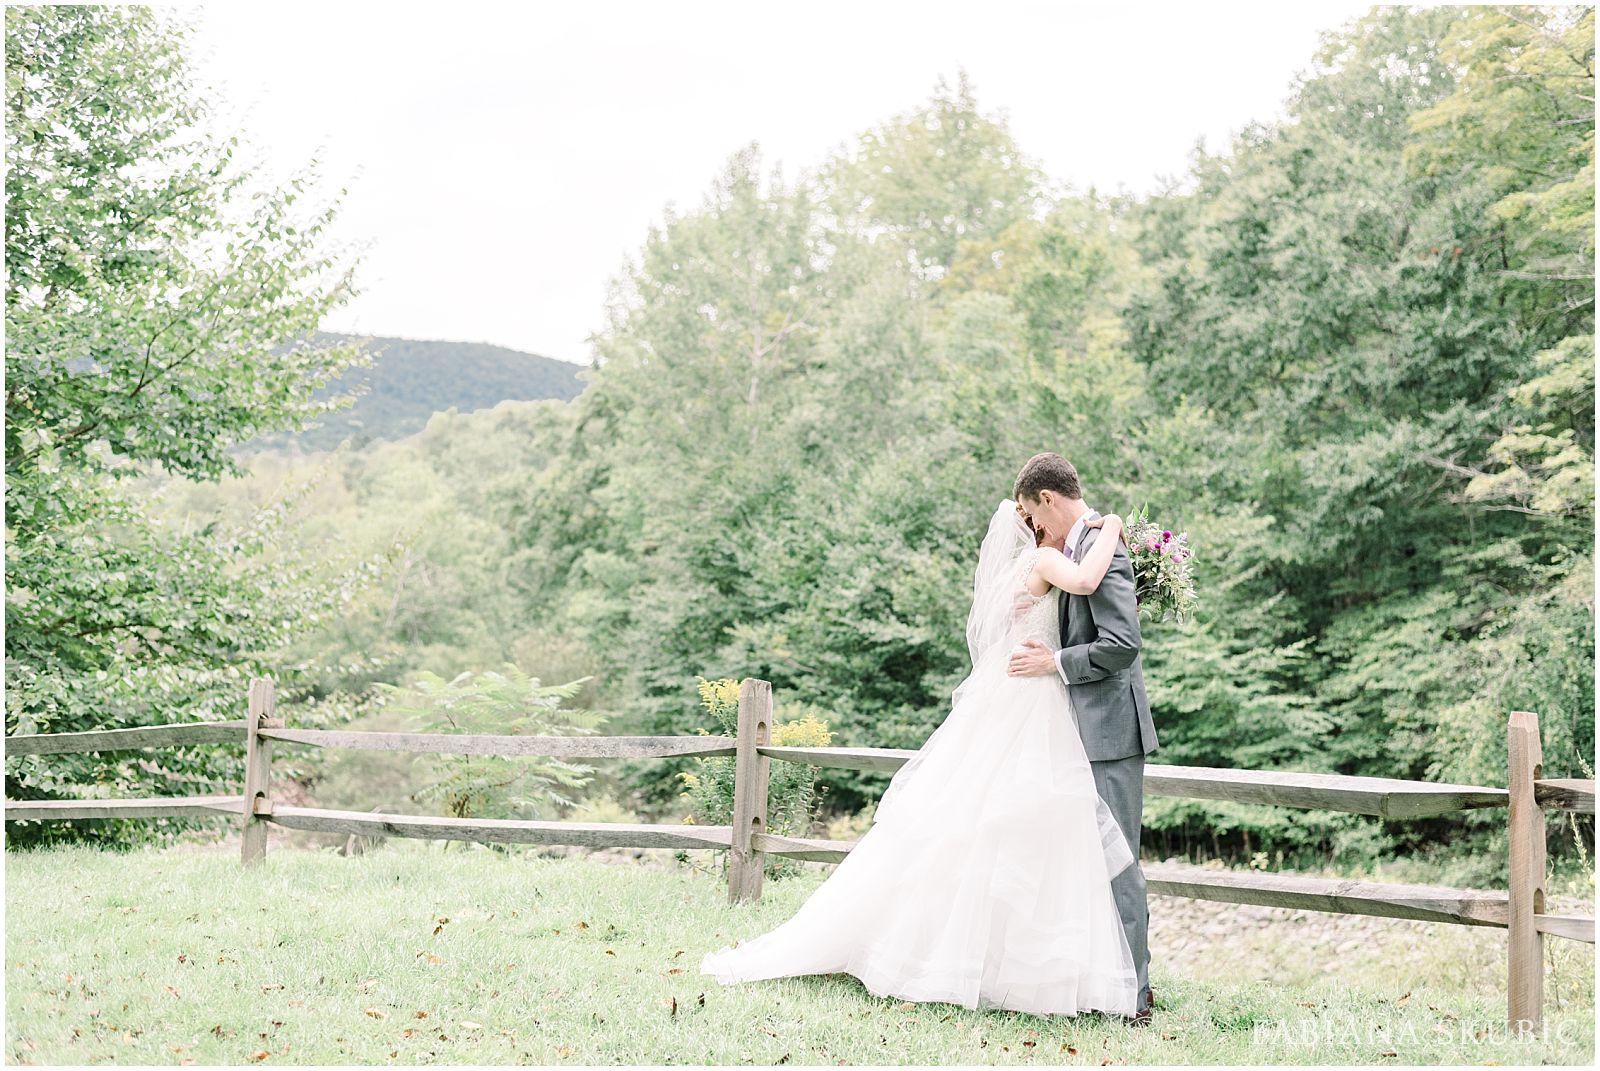 FabianaSkubic_J&M_FullMoonResort_Wedding_0030.jpg